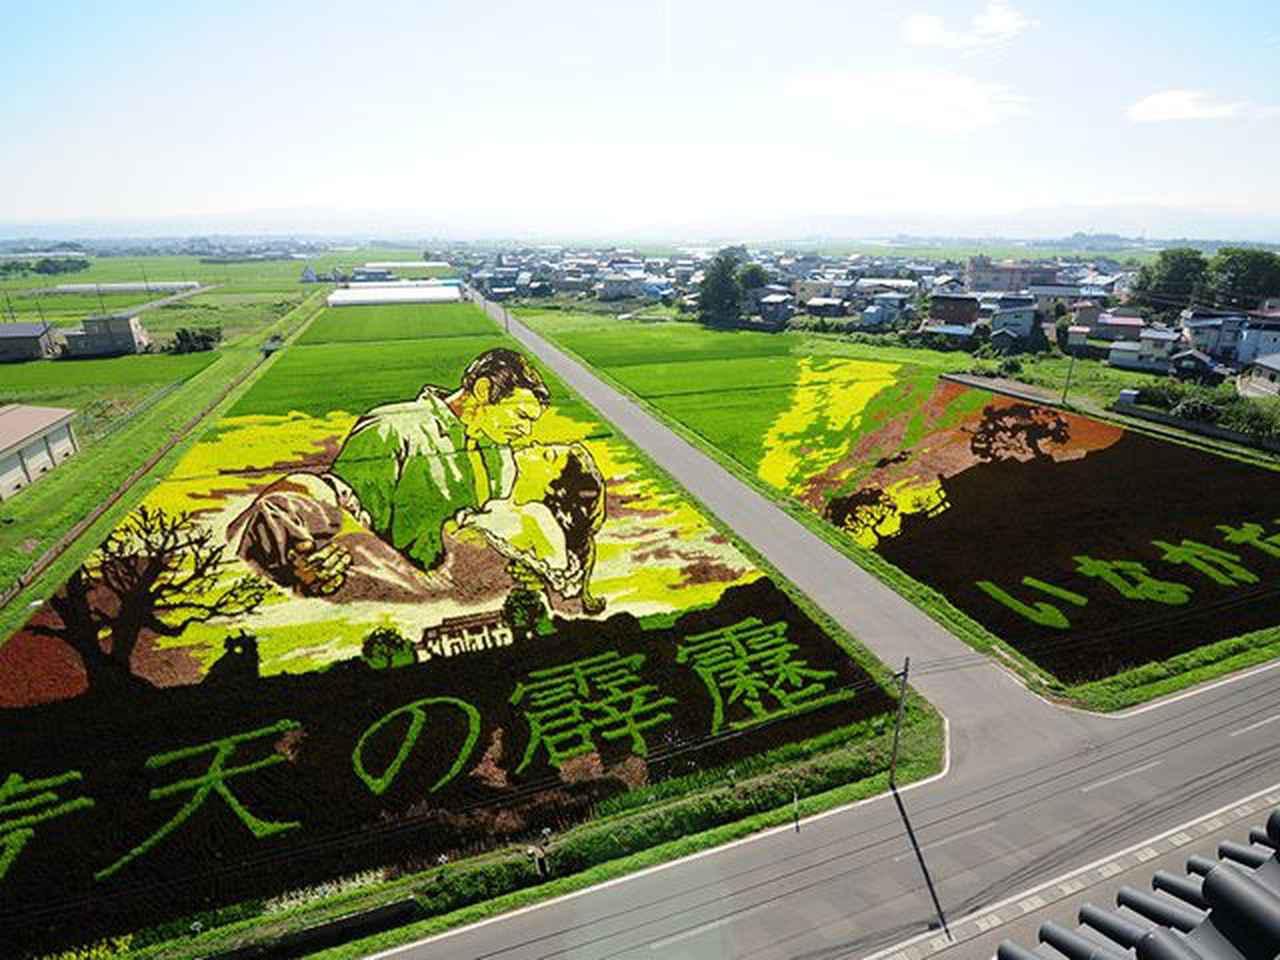 画像4: ねぶた祭から田んぼアートまで! 伝統&アートが楽しい青森旅!